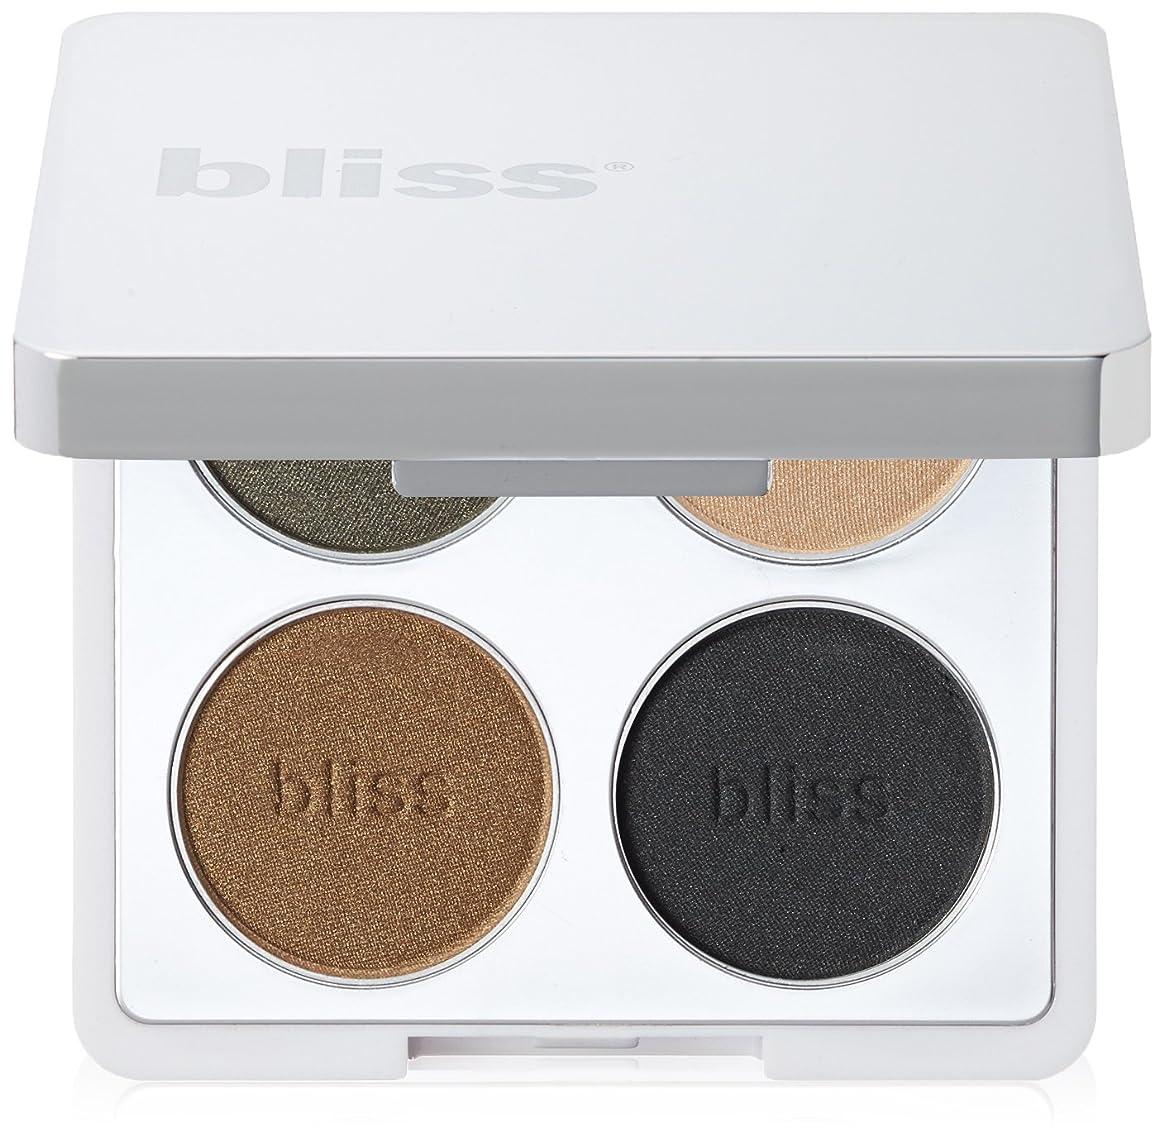 フェローシップ憲法滑り台ブリス Hey Four Eyes 4 Piece Eyeshadow Palette - # Sage 6.8g/0.24oz並行輸入品